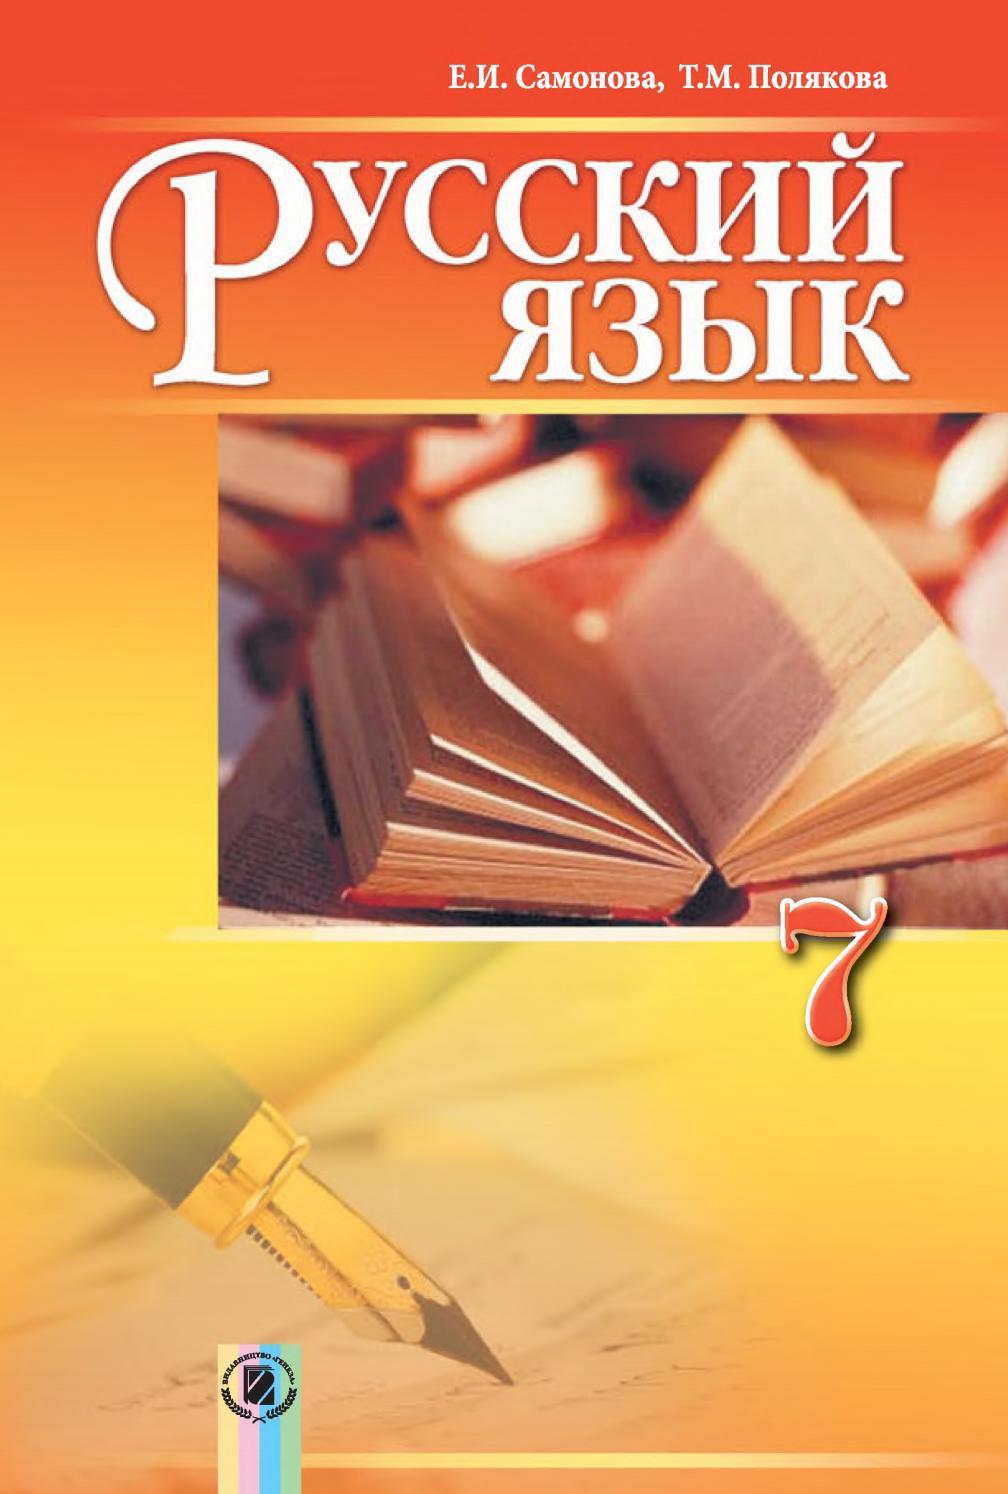 Русский язык 7 класс полякова 2015 скачать.